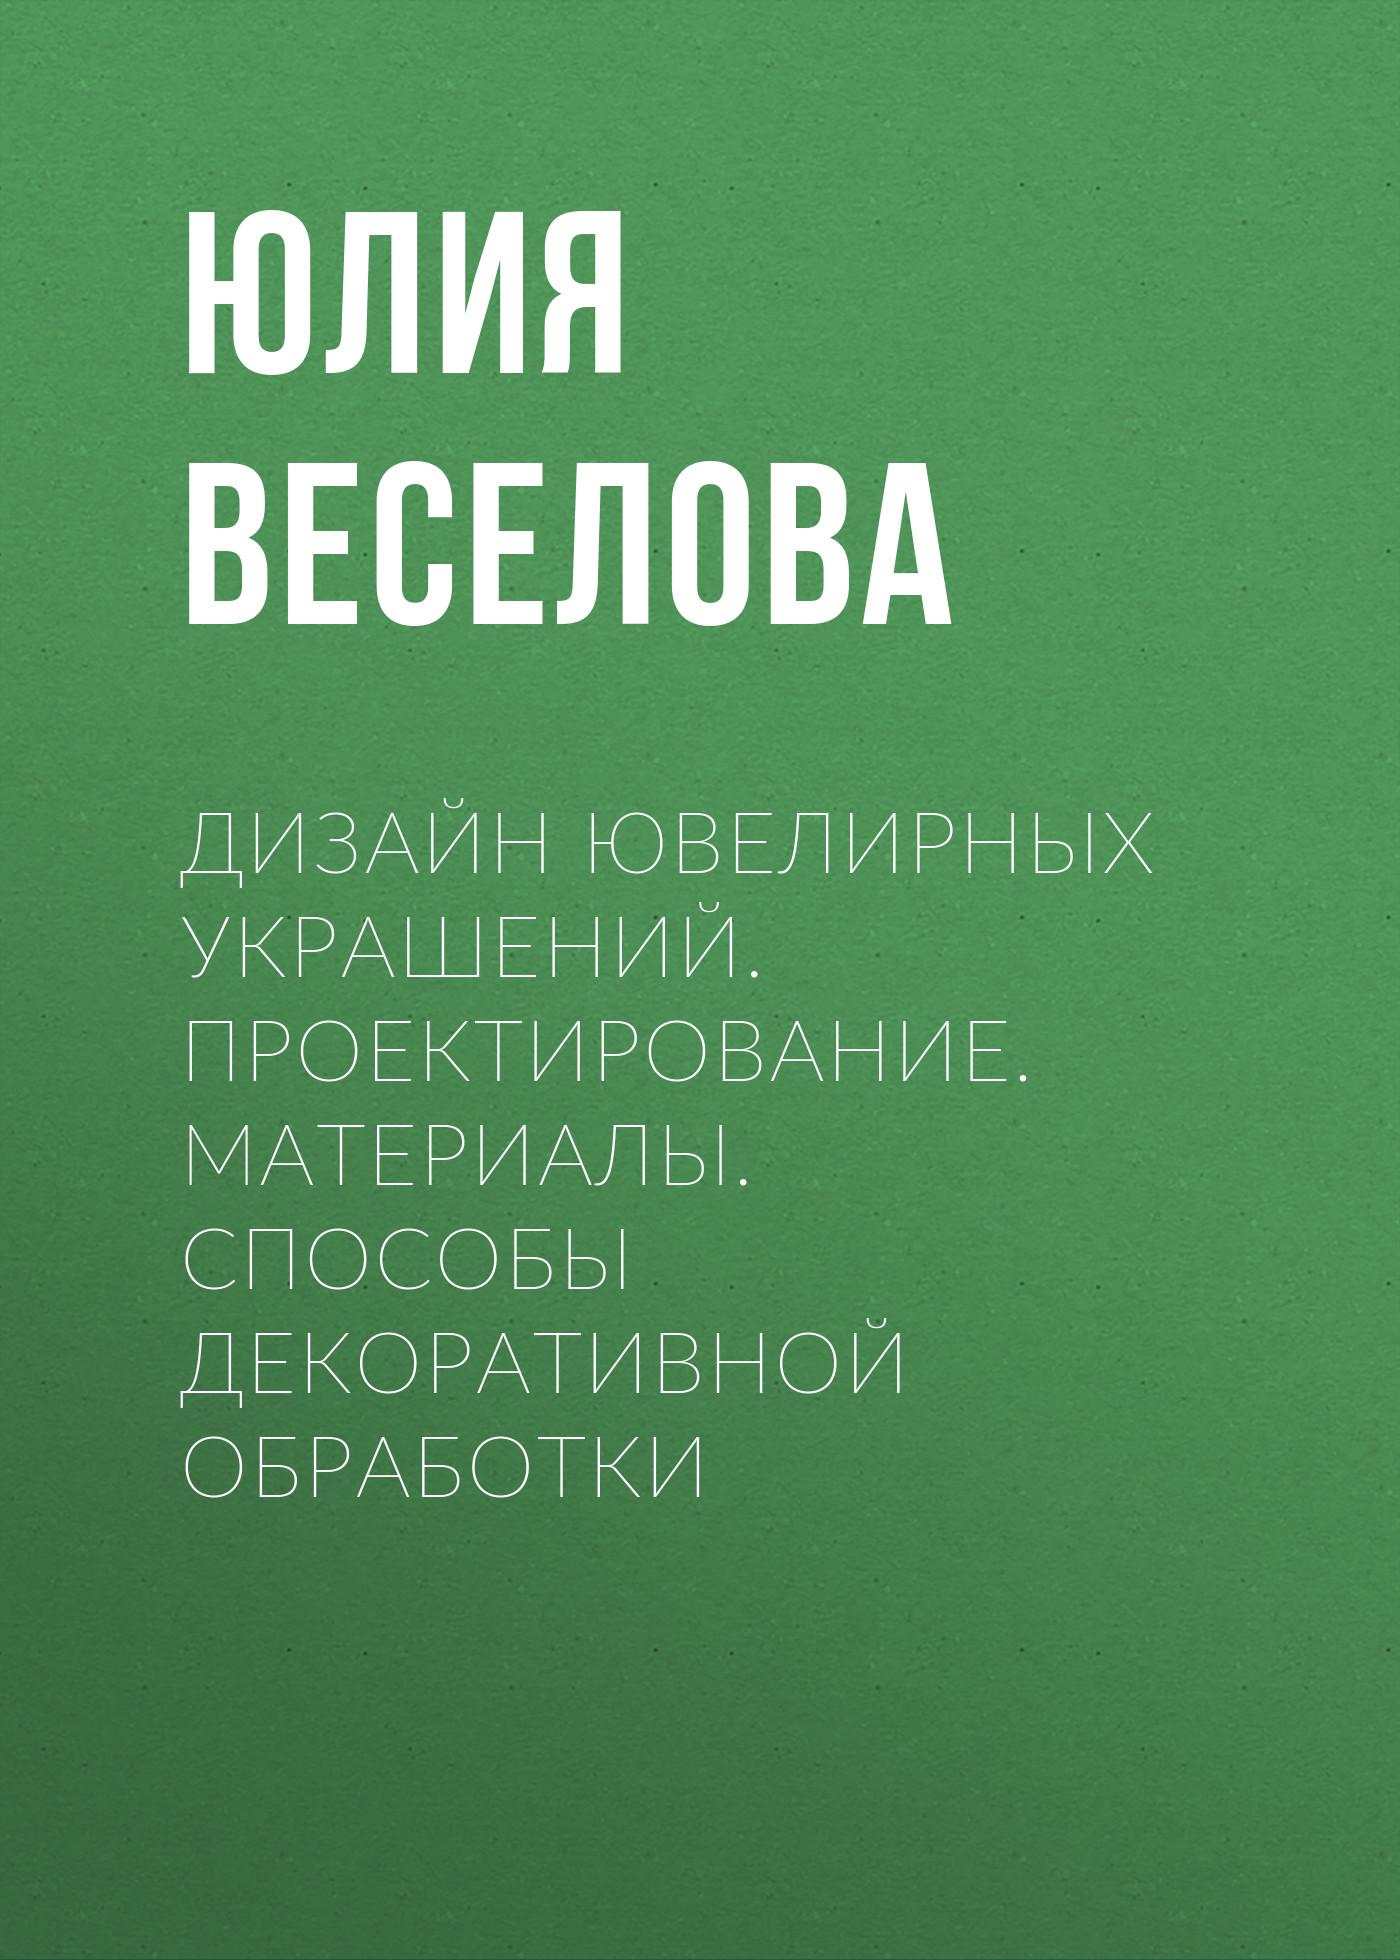 Юлия Веселова Дизайн ювелирных украшений. Проектирование. Материалы. Способы декоративной обработки